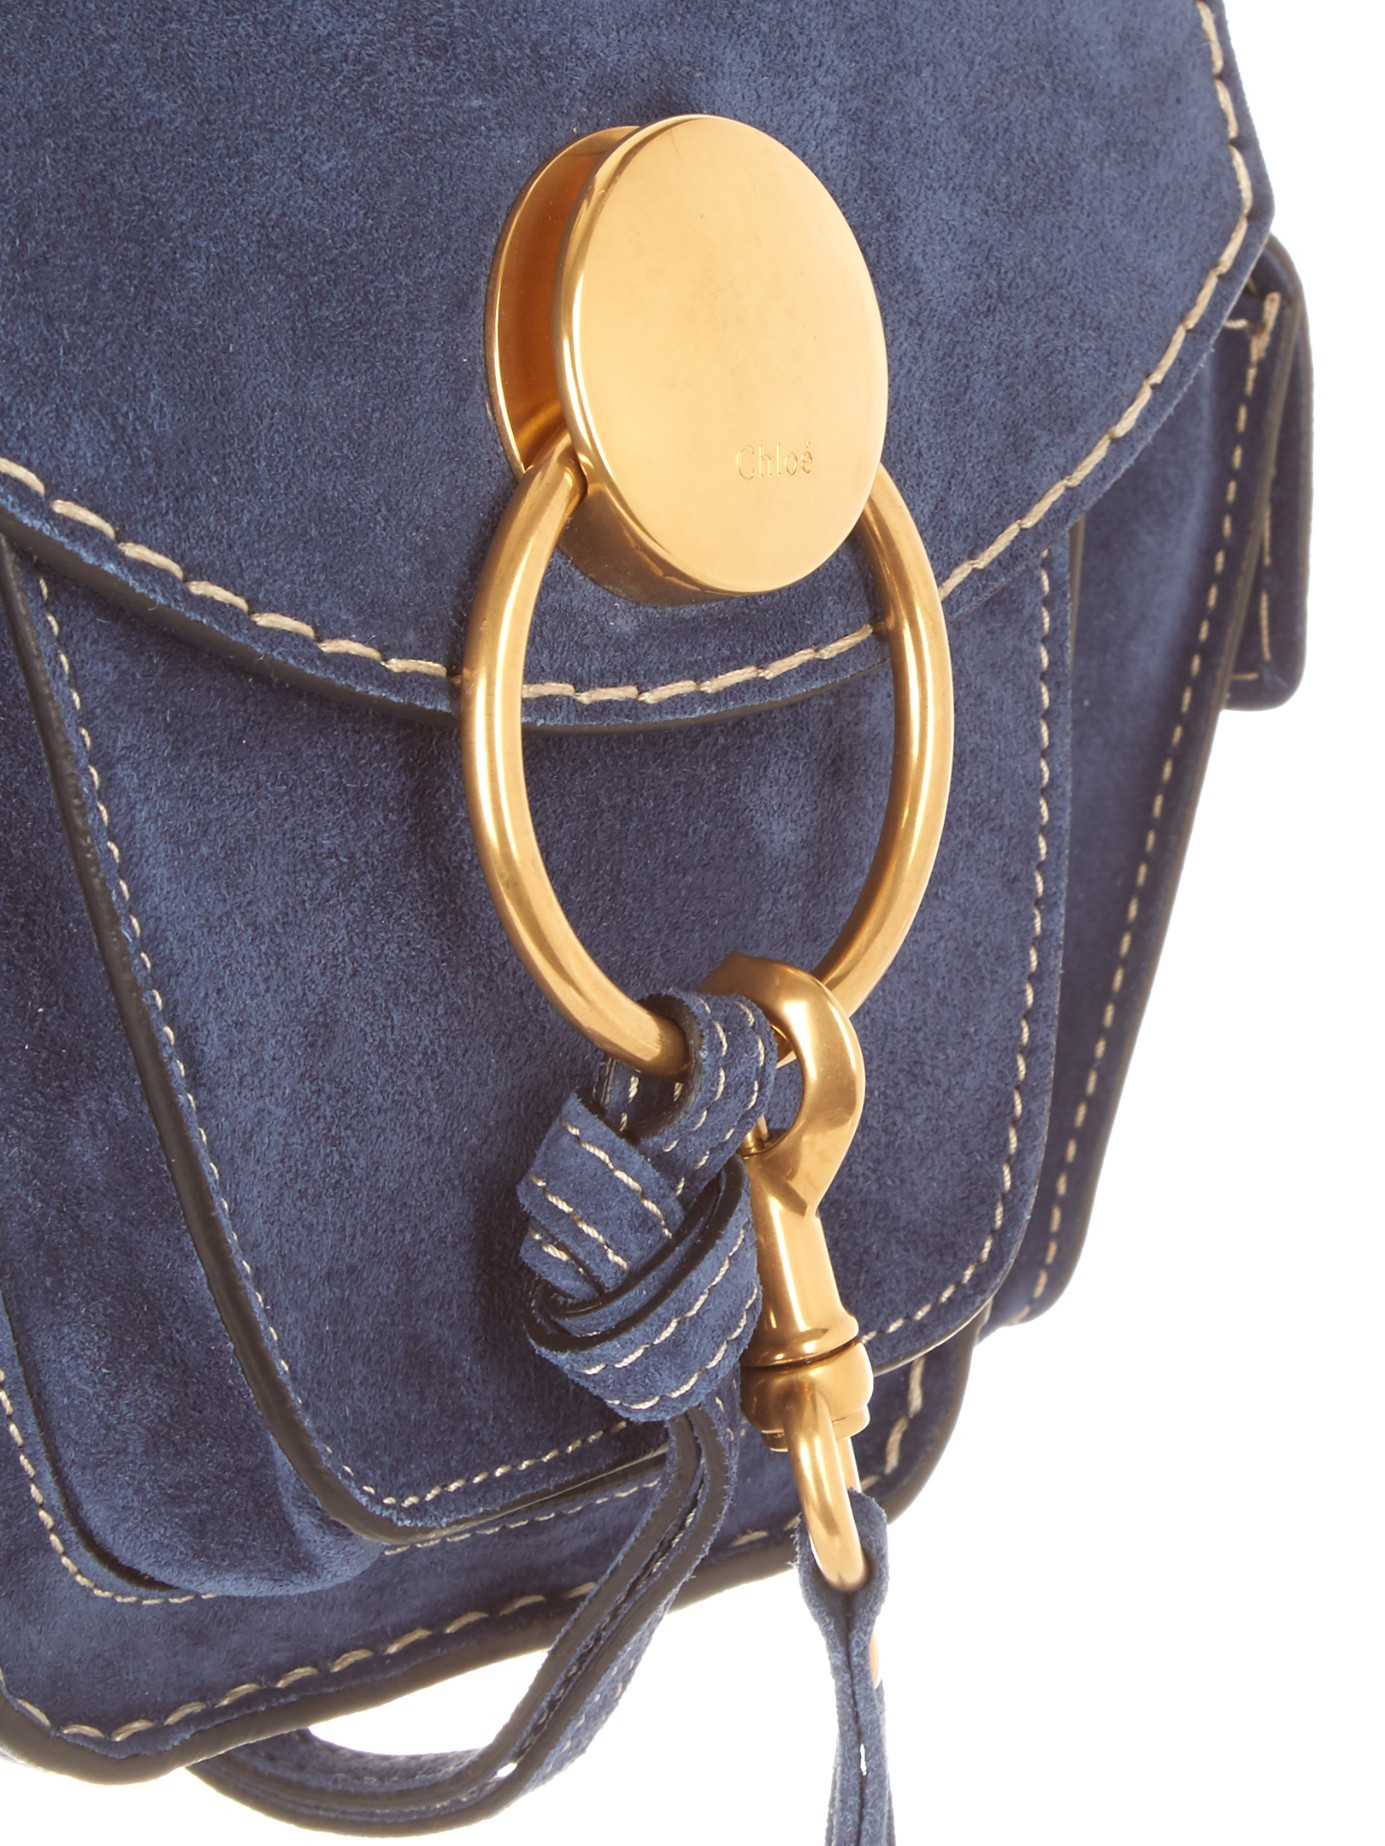 replica chloe wallet - chloe pink suede small jodie camera bag, chloe leather handbags